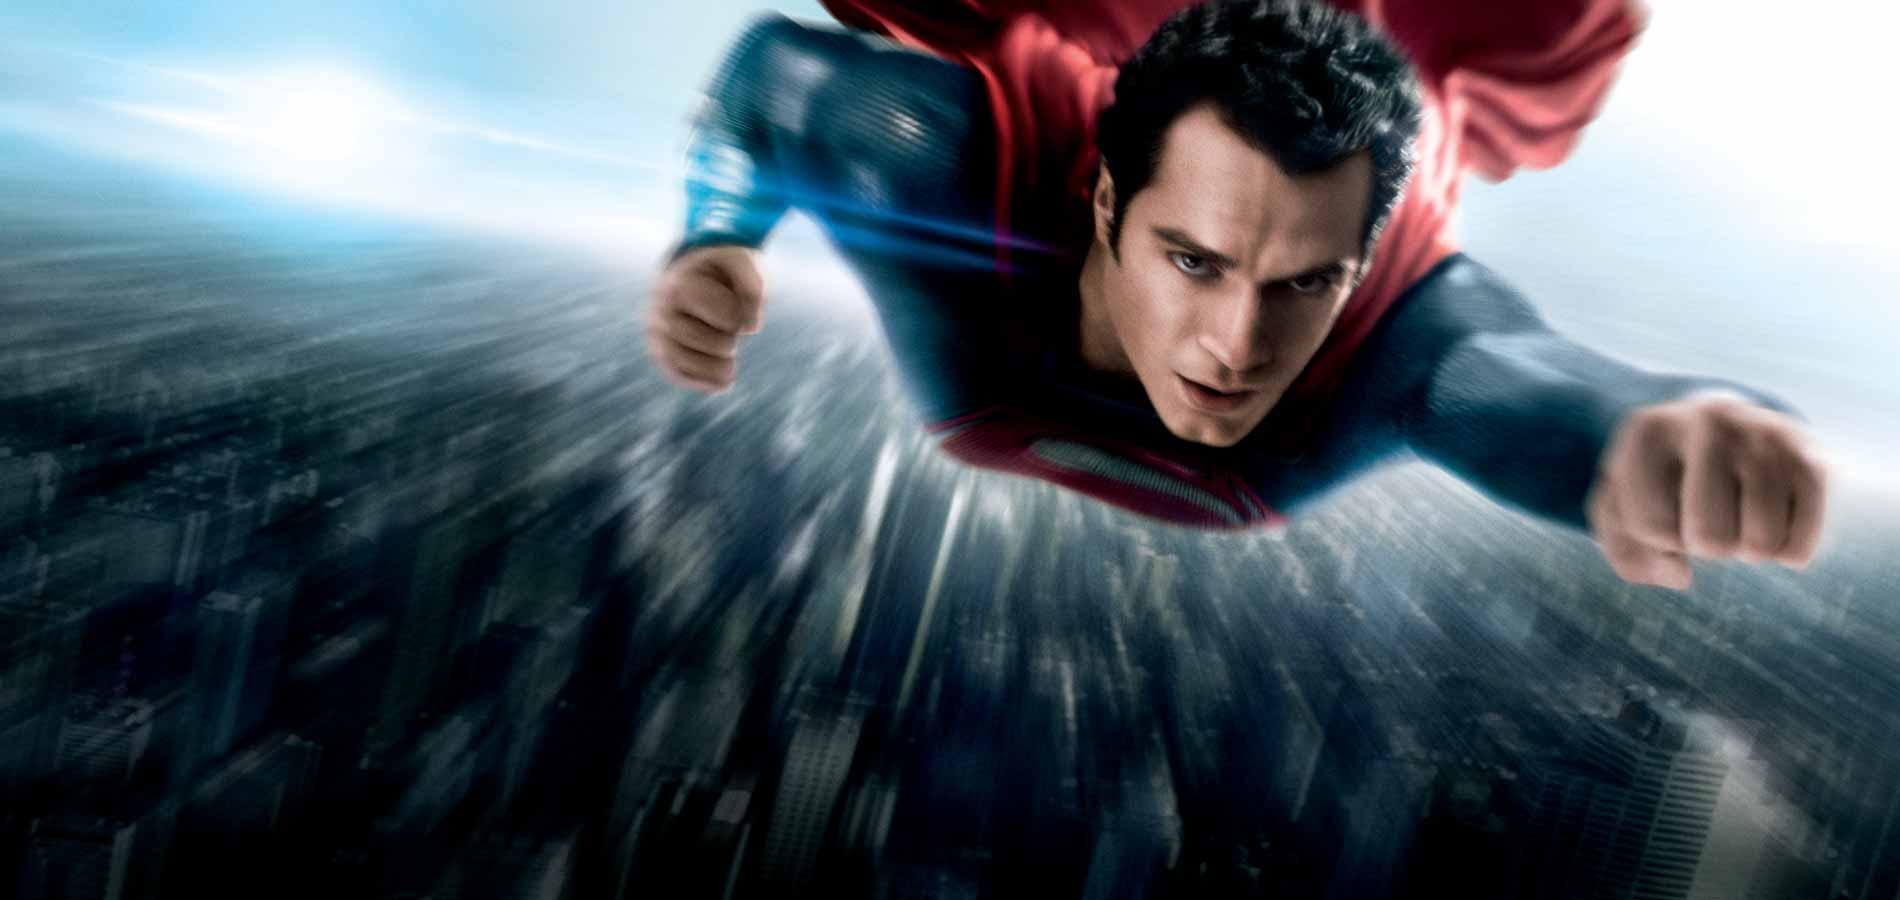 Come diventare un supereroe e salvare giovani madri con bambini piccoli in difficolta, anche se non hai i superpoteri di Batman o Superman - Fondazione Angelo Affinita